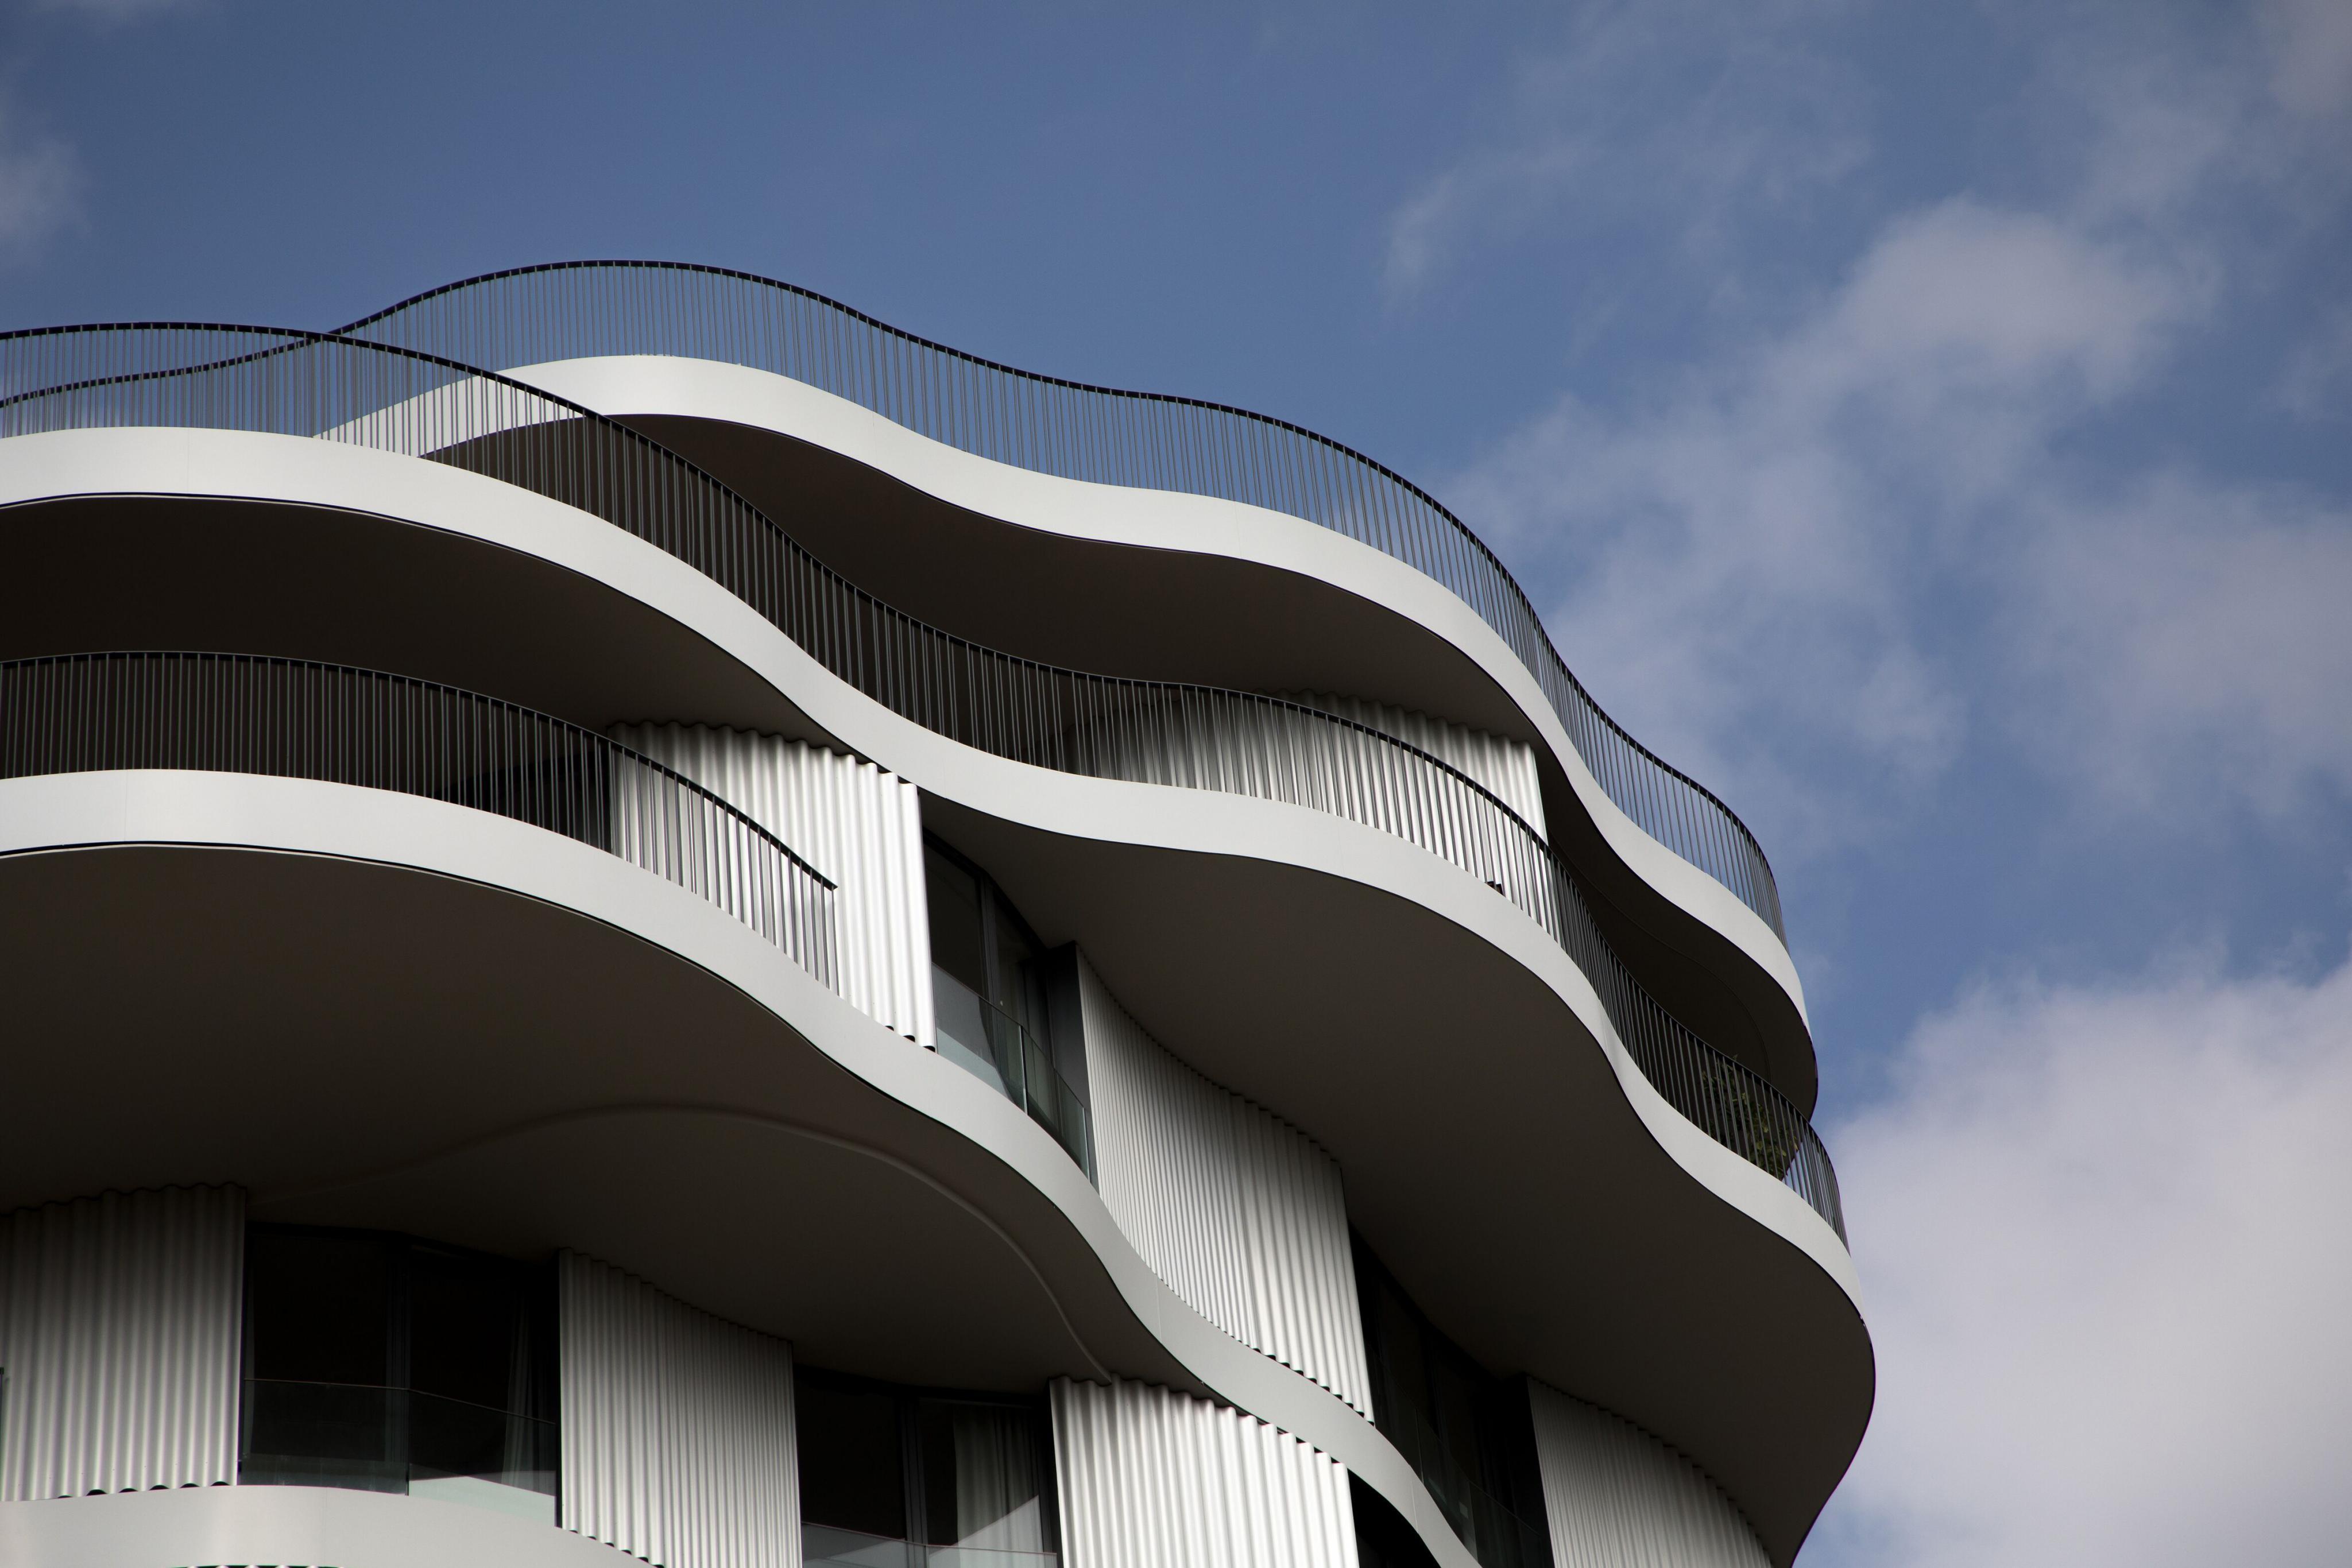 Dům navržený Farshid Moussavi v Montpellier